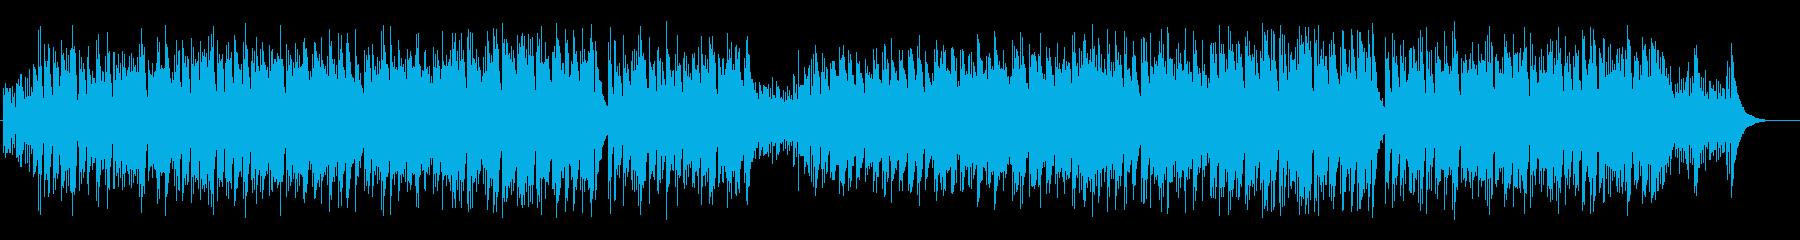 透明なハートウォームなスロー・ポップスの再生済みの波形